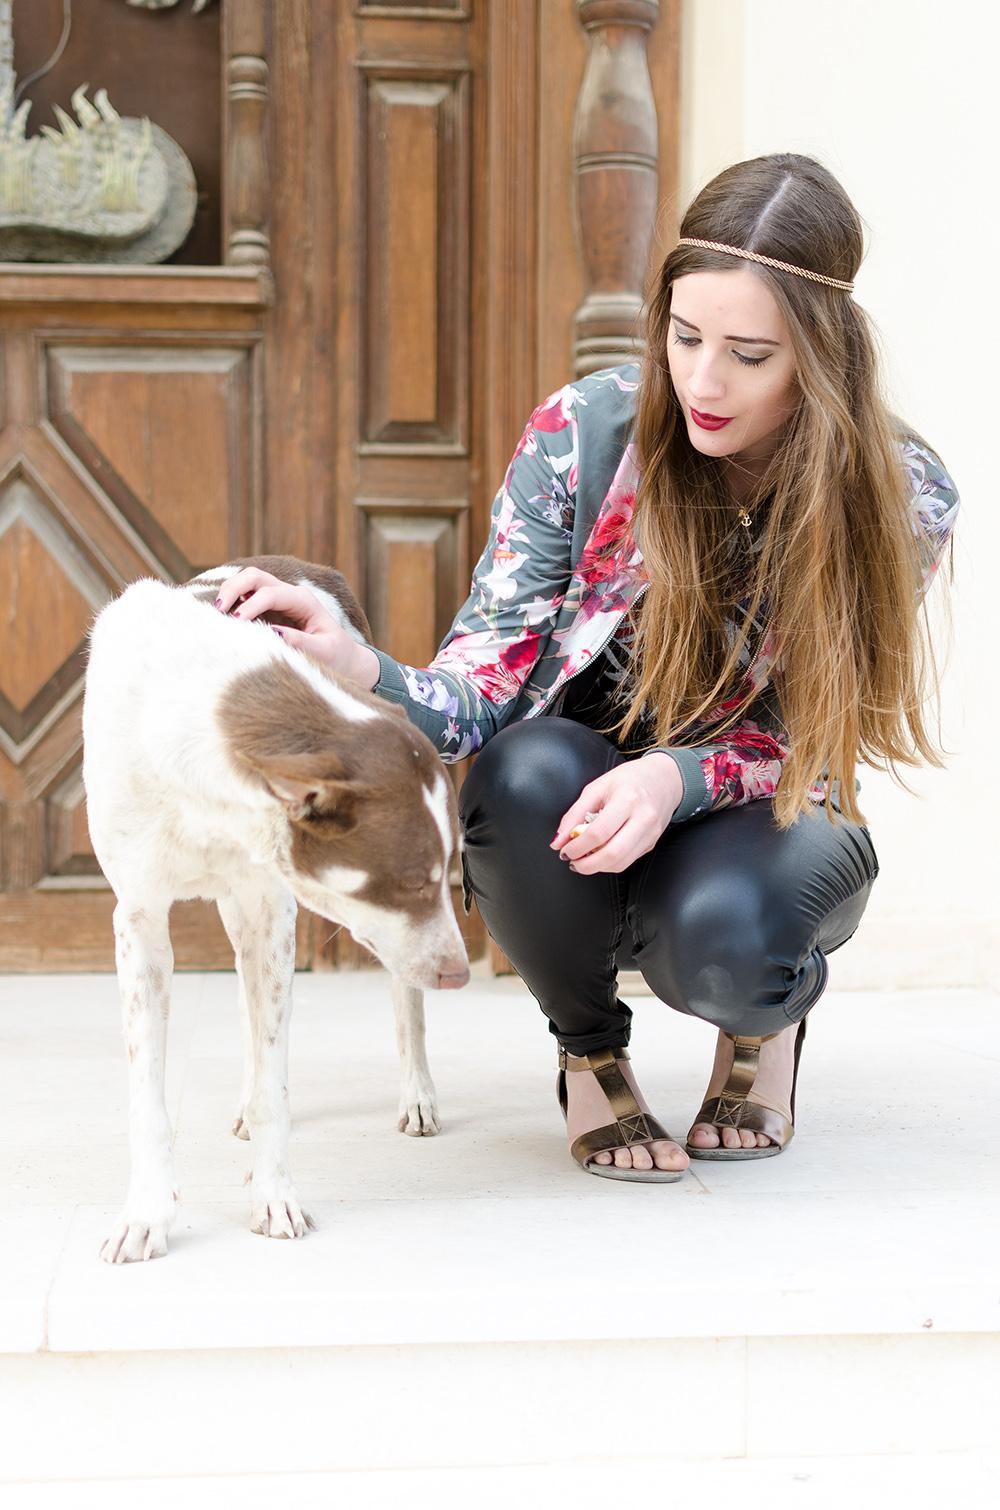 Modeblog-Deutschland-Deutsche-Mode-Mode-Influencer-Andrea-Funk-andysparkles-Berlin-Bomberjacken